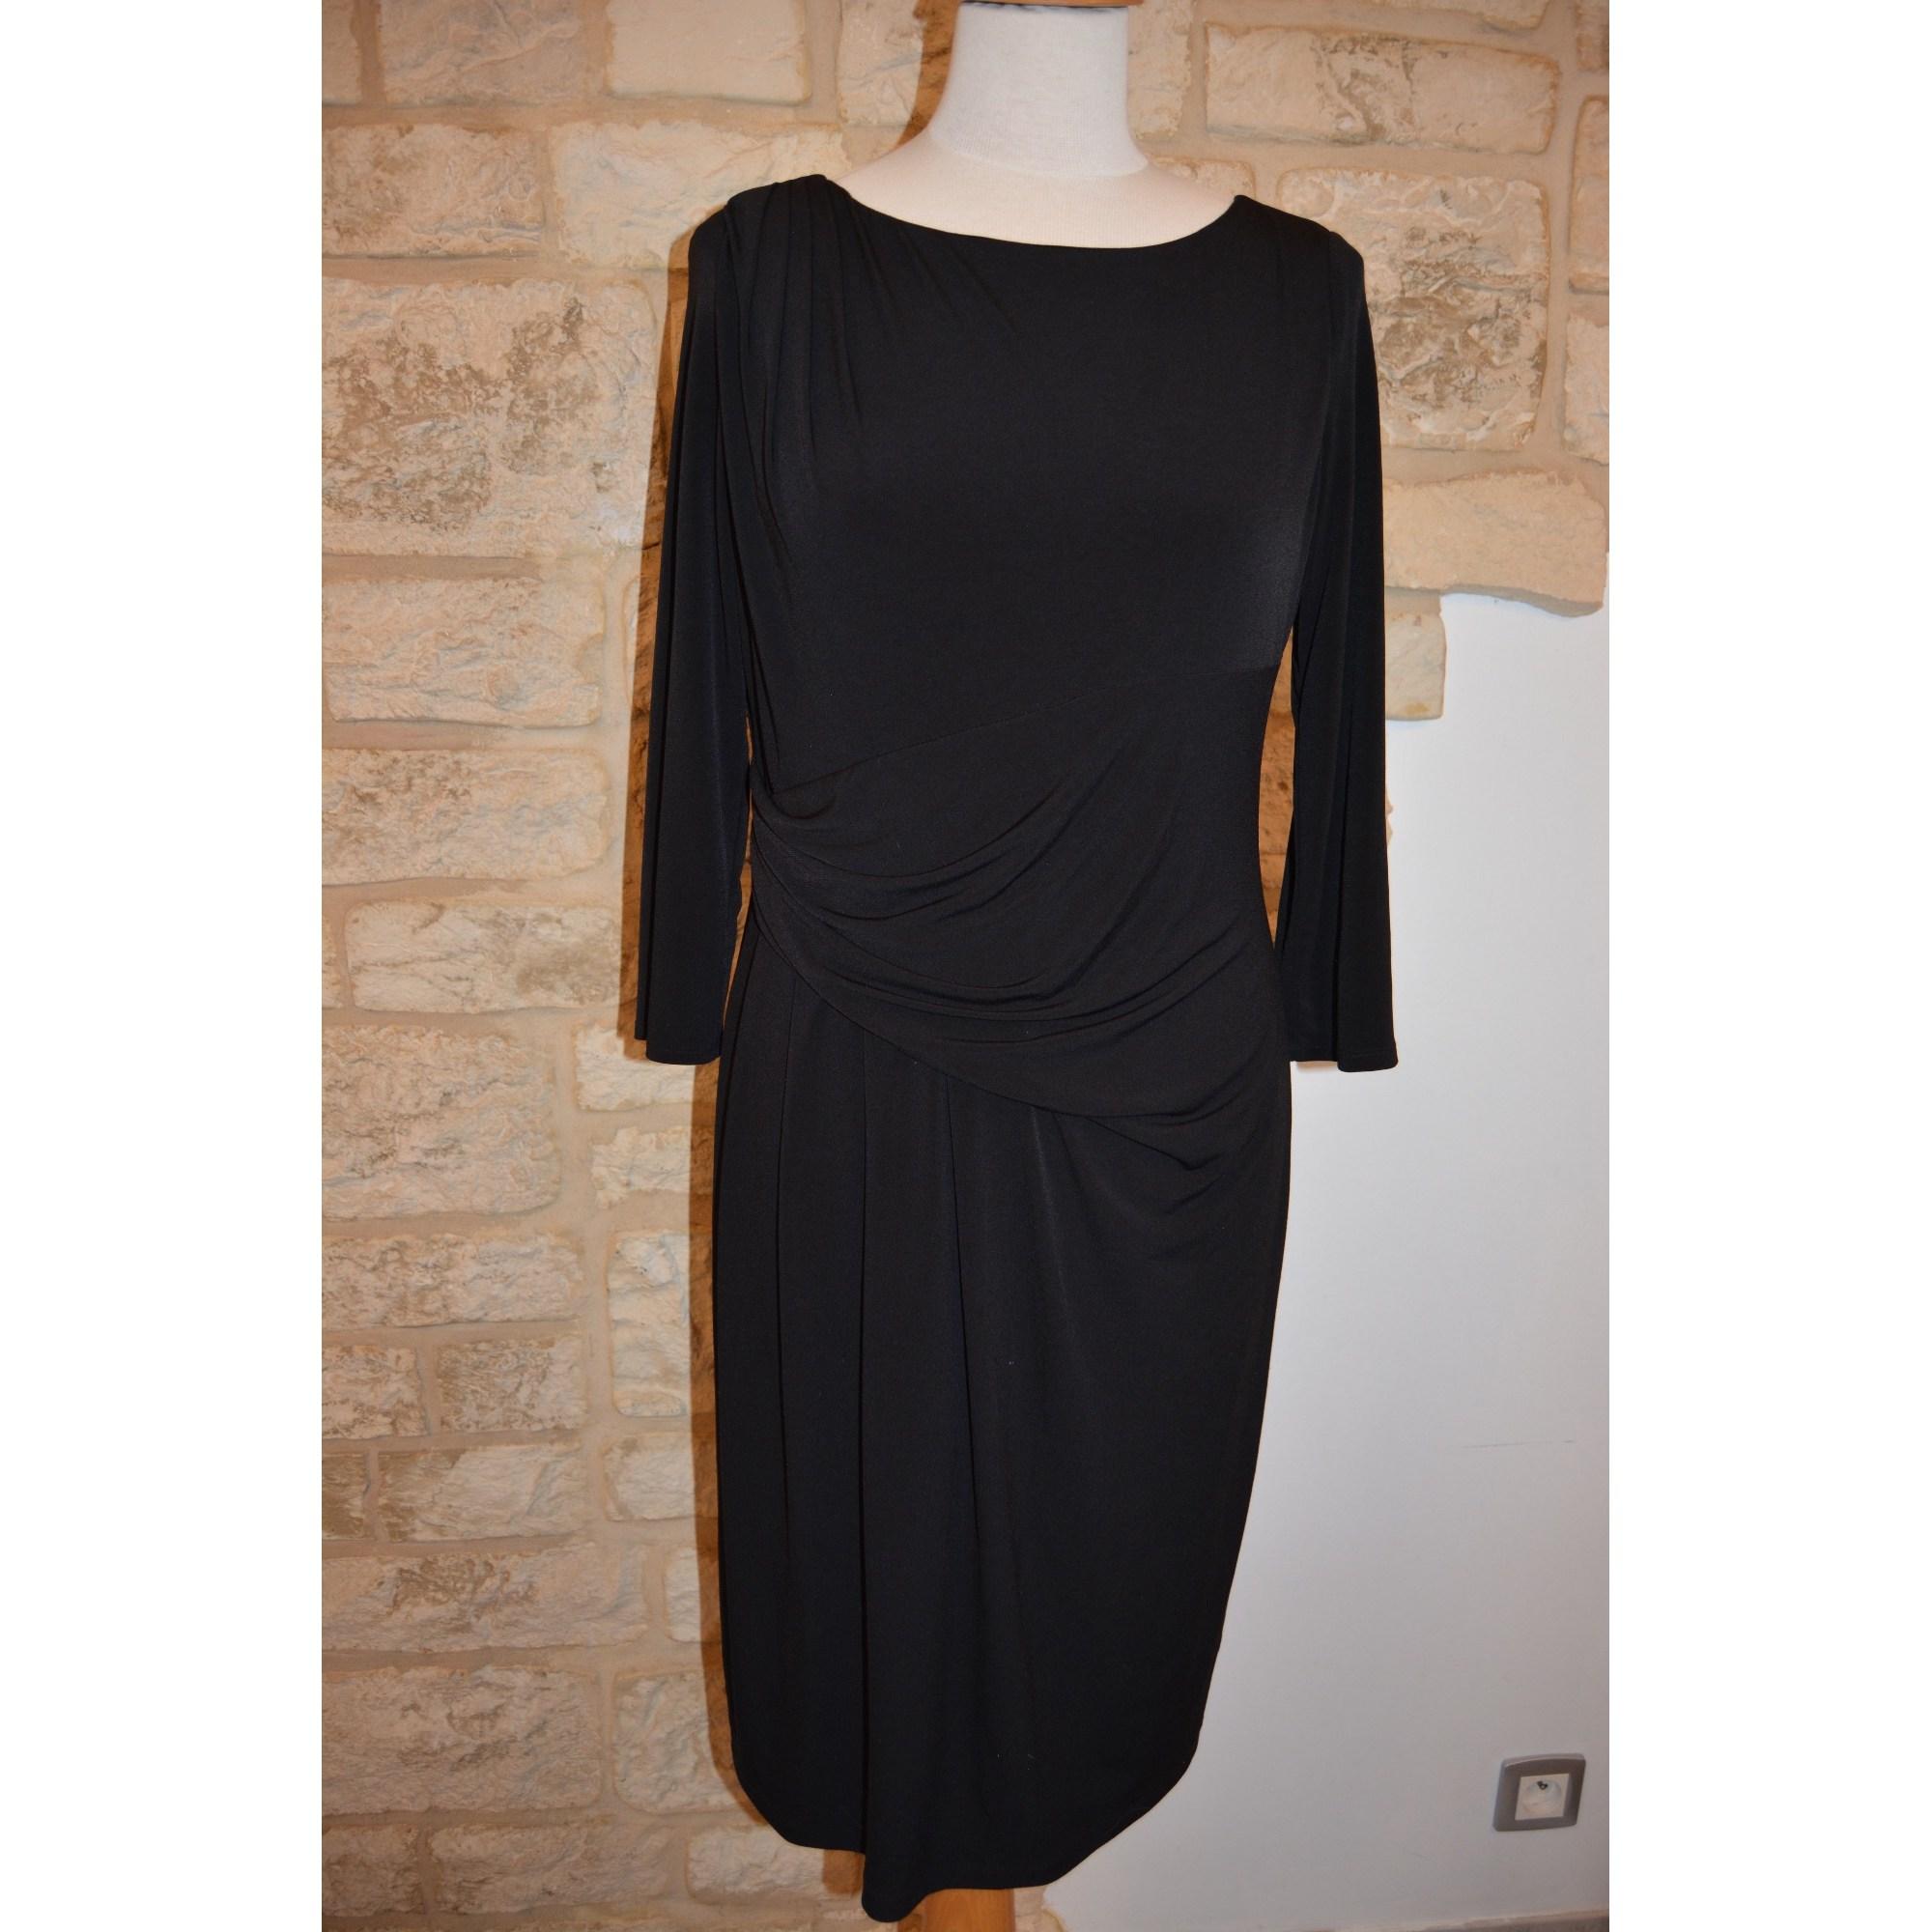 53a046cb410 Robe mi-longue ANTONELLE 40 (L